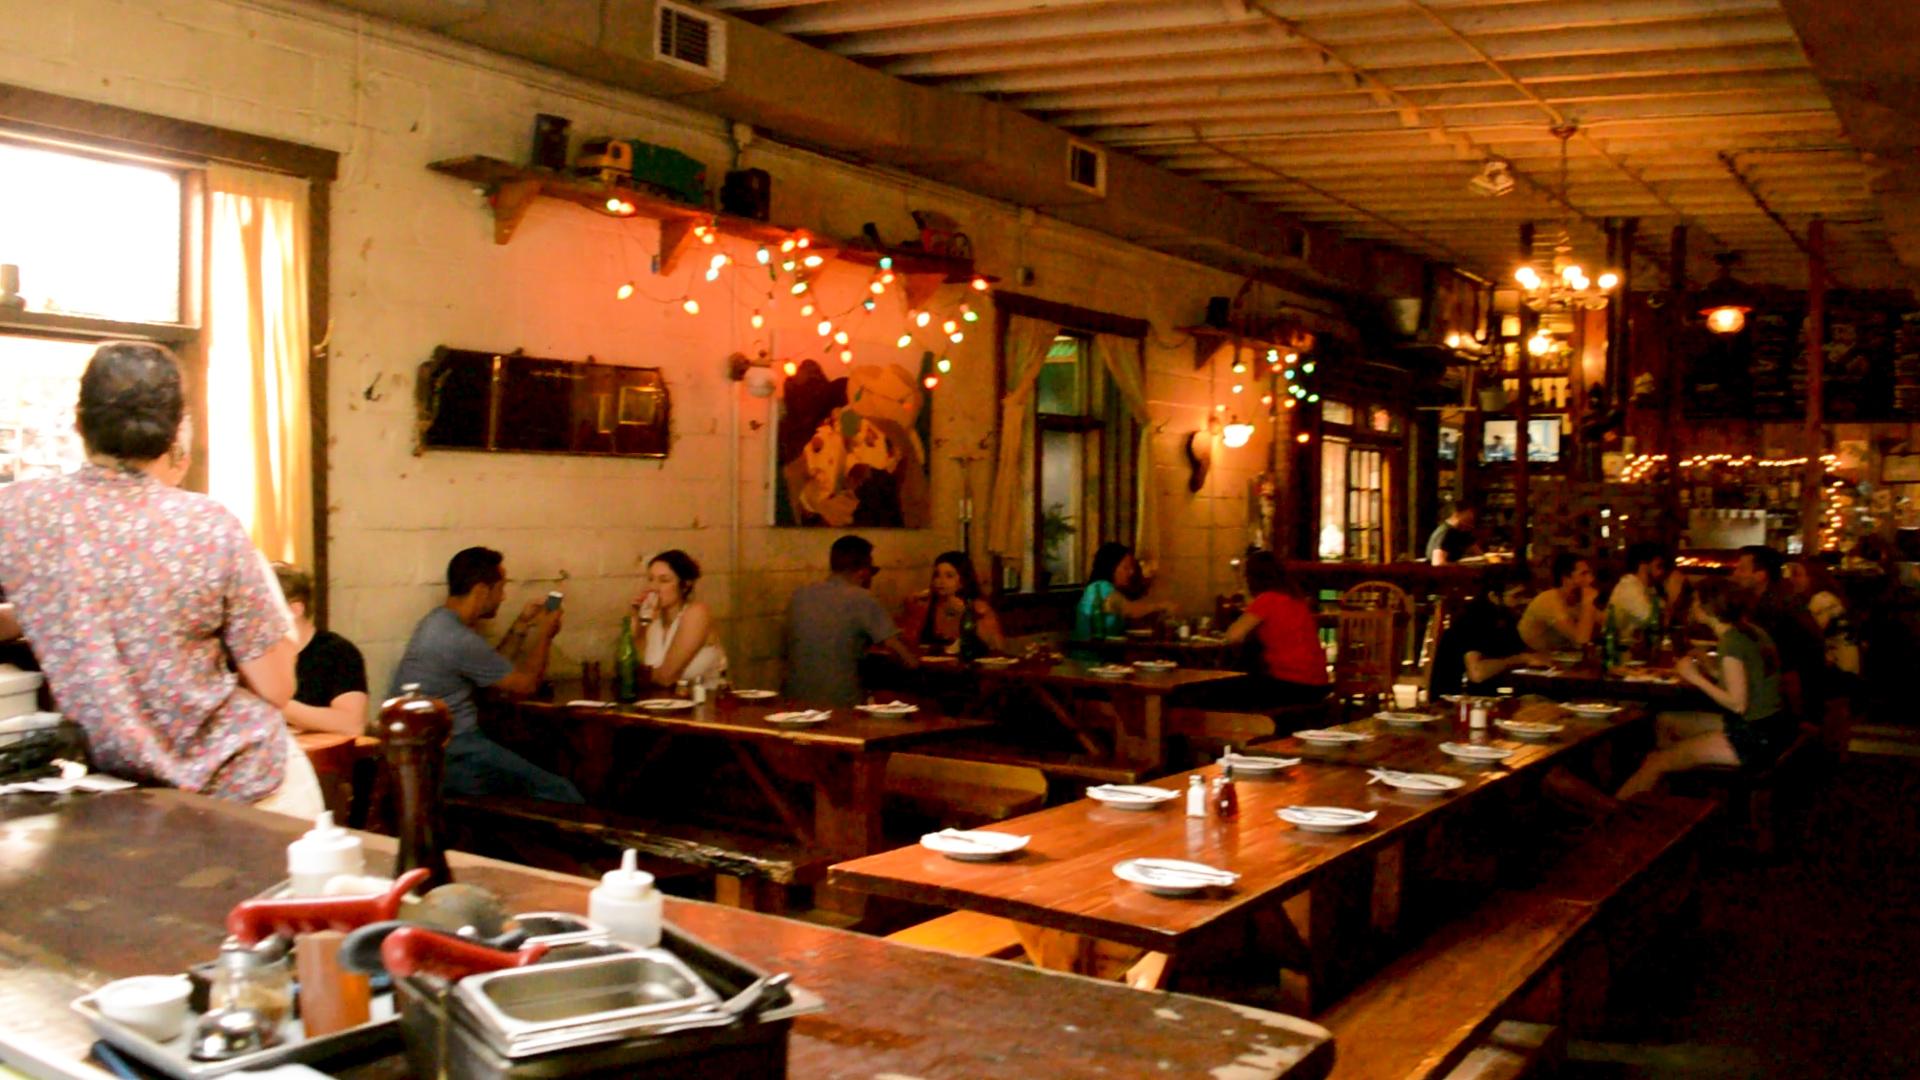 Photographie de jeunes appréciant la nourriture et les boissons dans un bar de Bushwick, à Brooklyn.